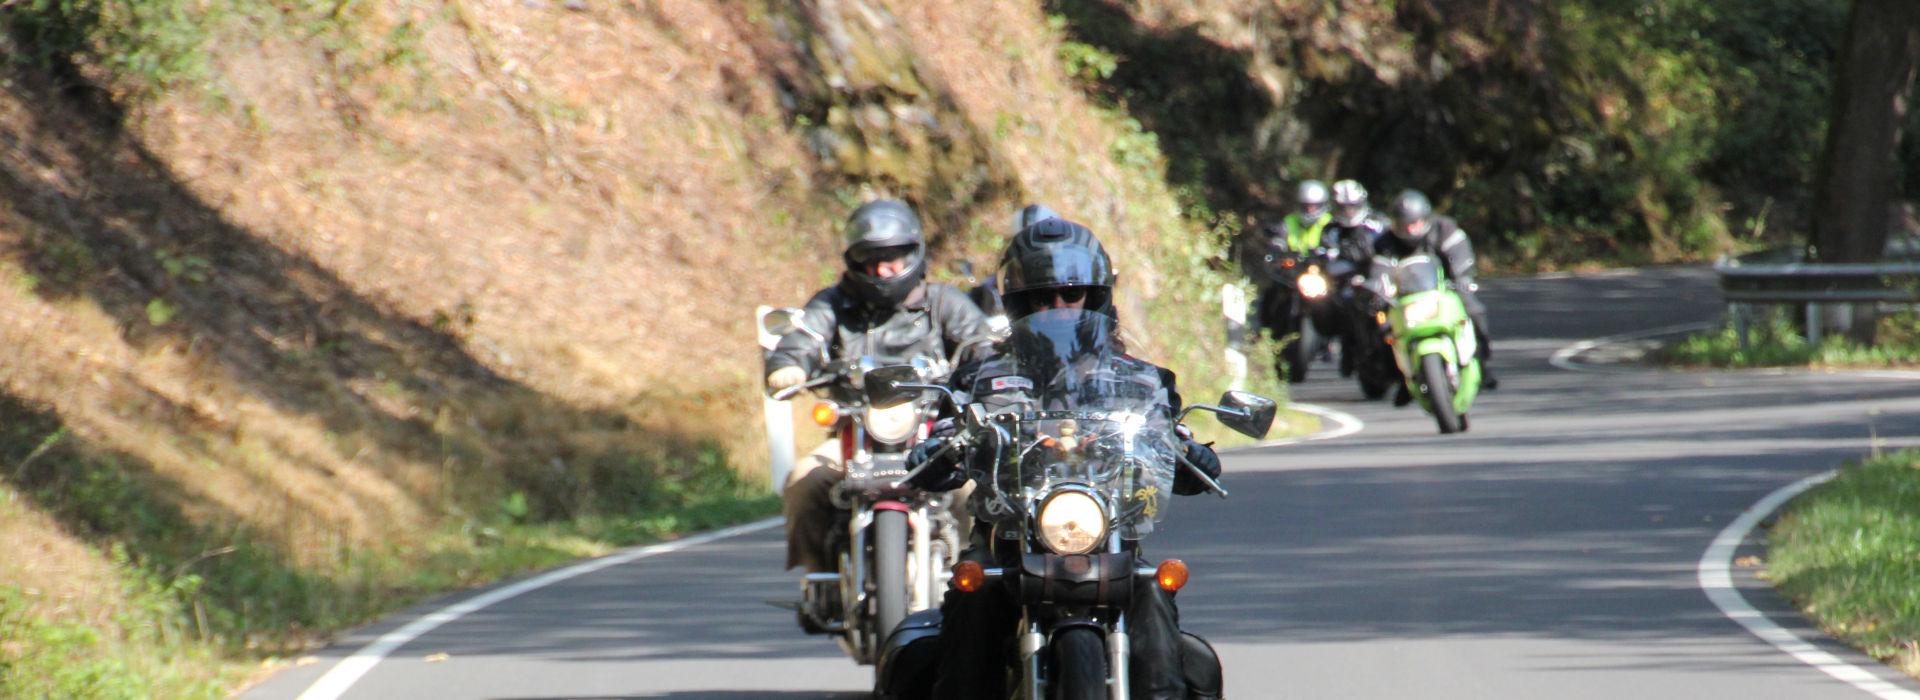 Motorrijbewijspoint Groesbeek spoed motorrijbewijs